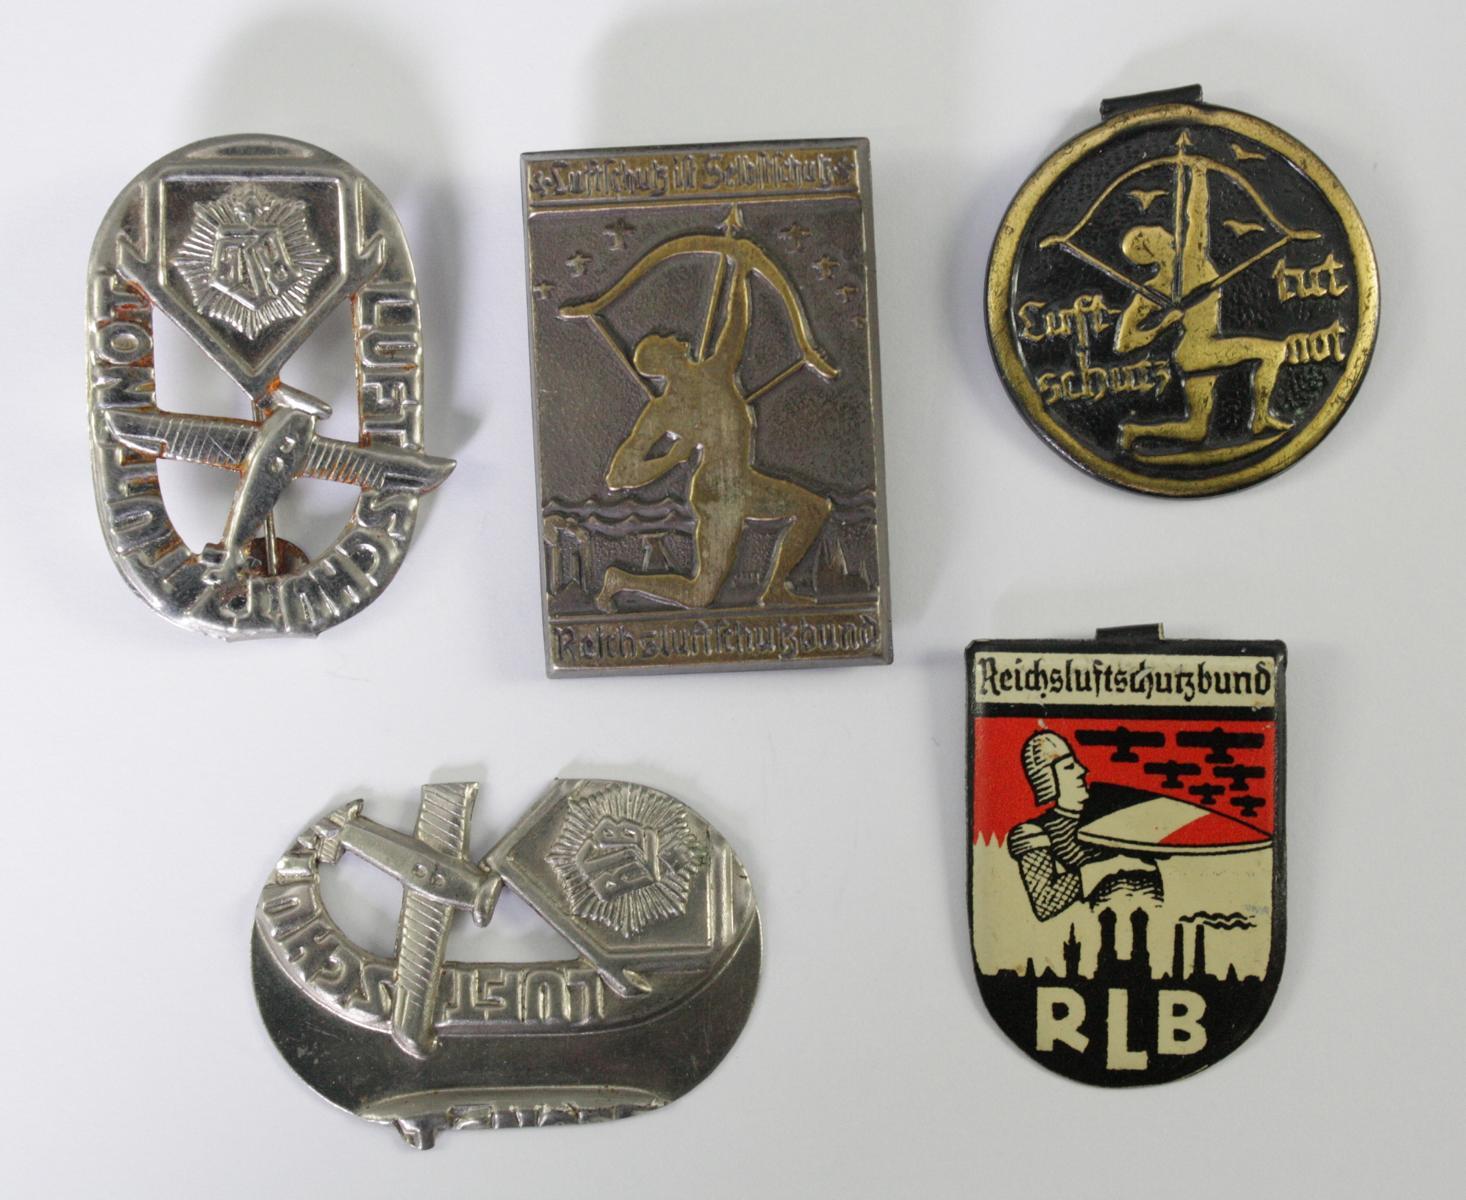 Kleinabzeichen Thema Luftschutz, RLB – Reichsluftschutzbund